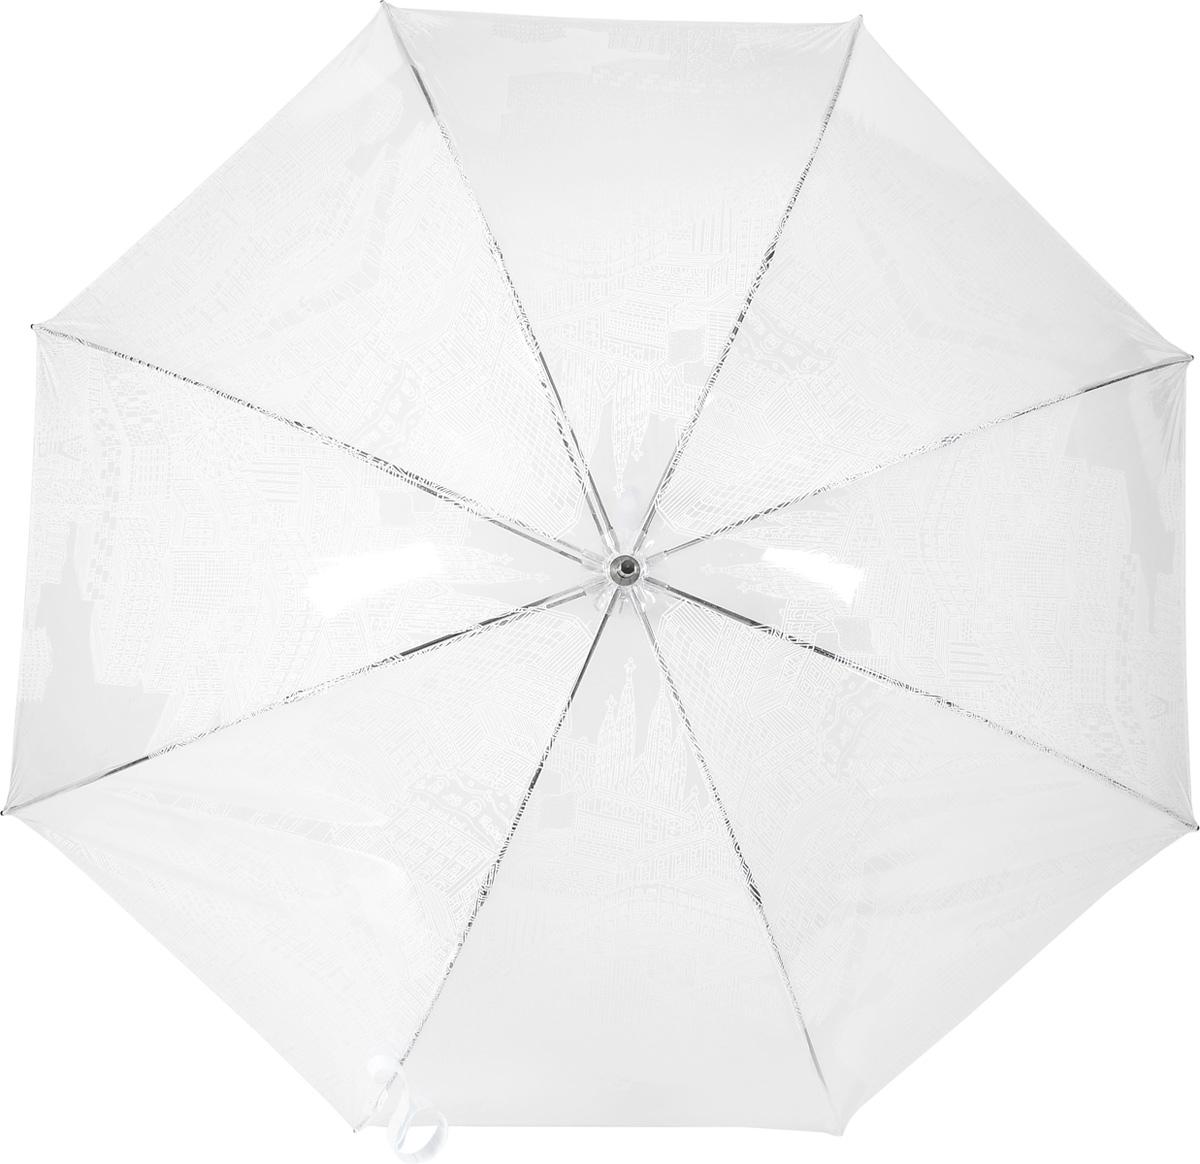 M&P 4799-3 Зонт трость женский4799-3Зонт испанского производителя Clima. В производстве зонтов используются современные материалы, что делает зонты легкими, но в то же время крепкими.Трость автомат, 8 спиц, полиэстер.